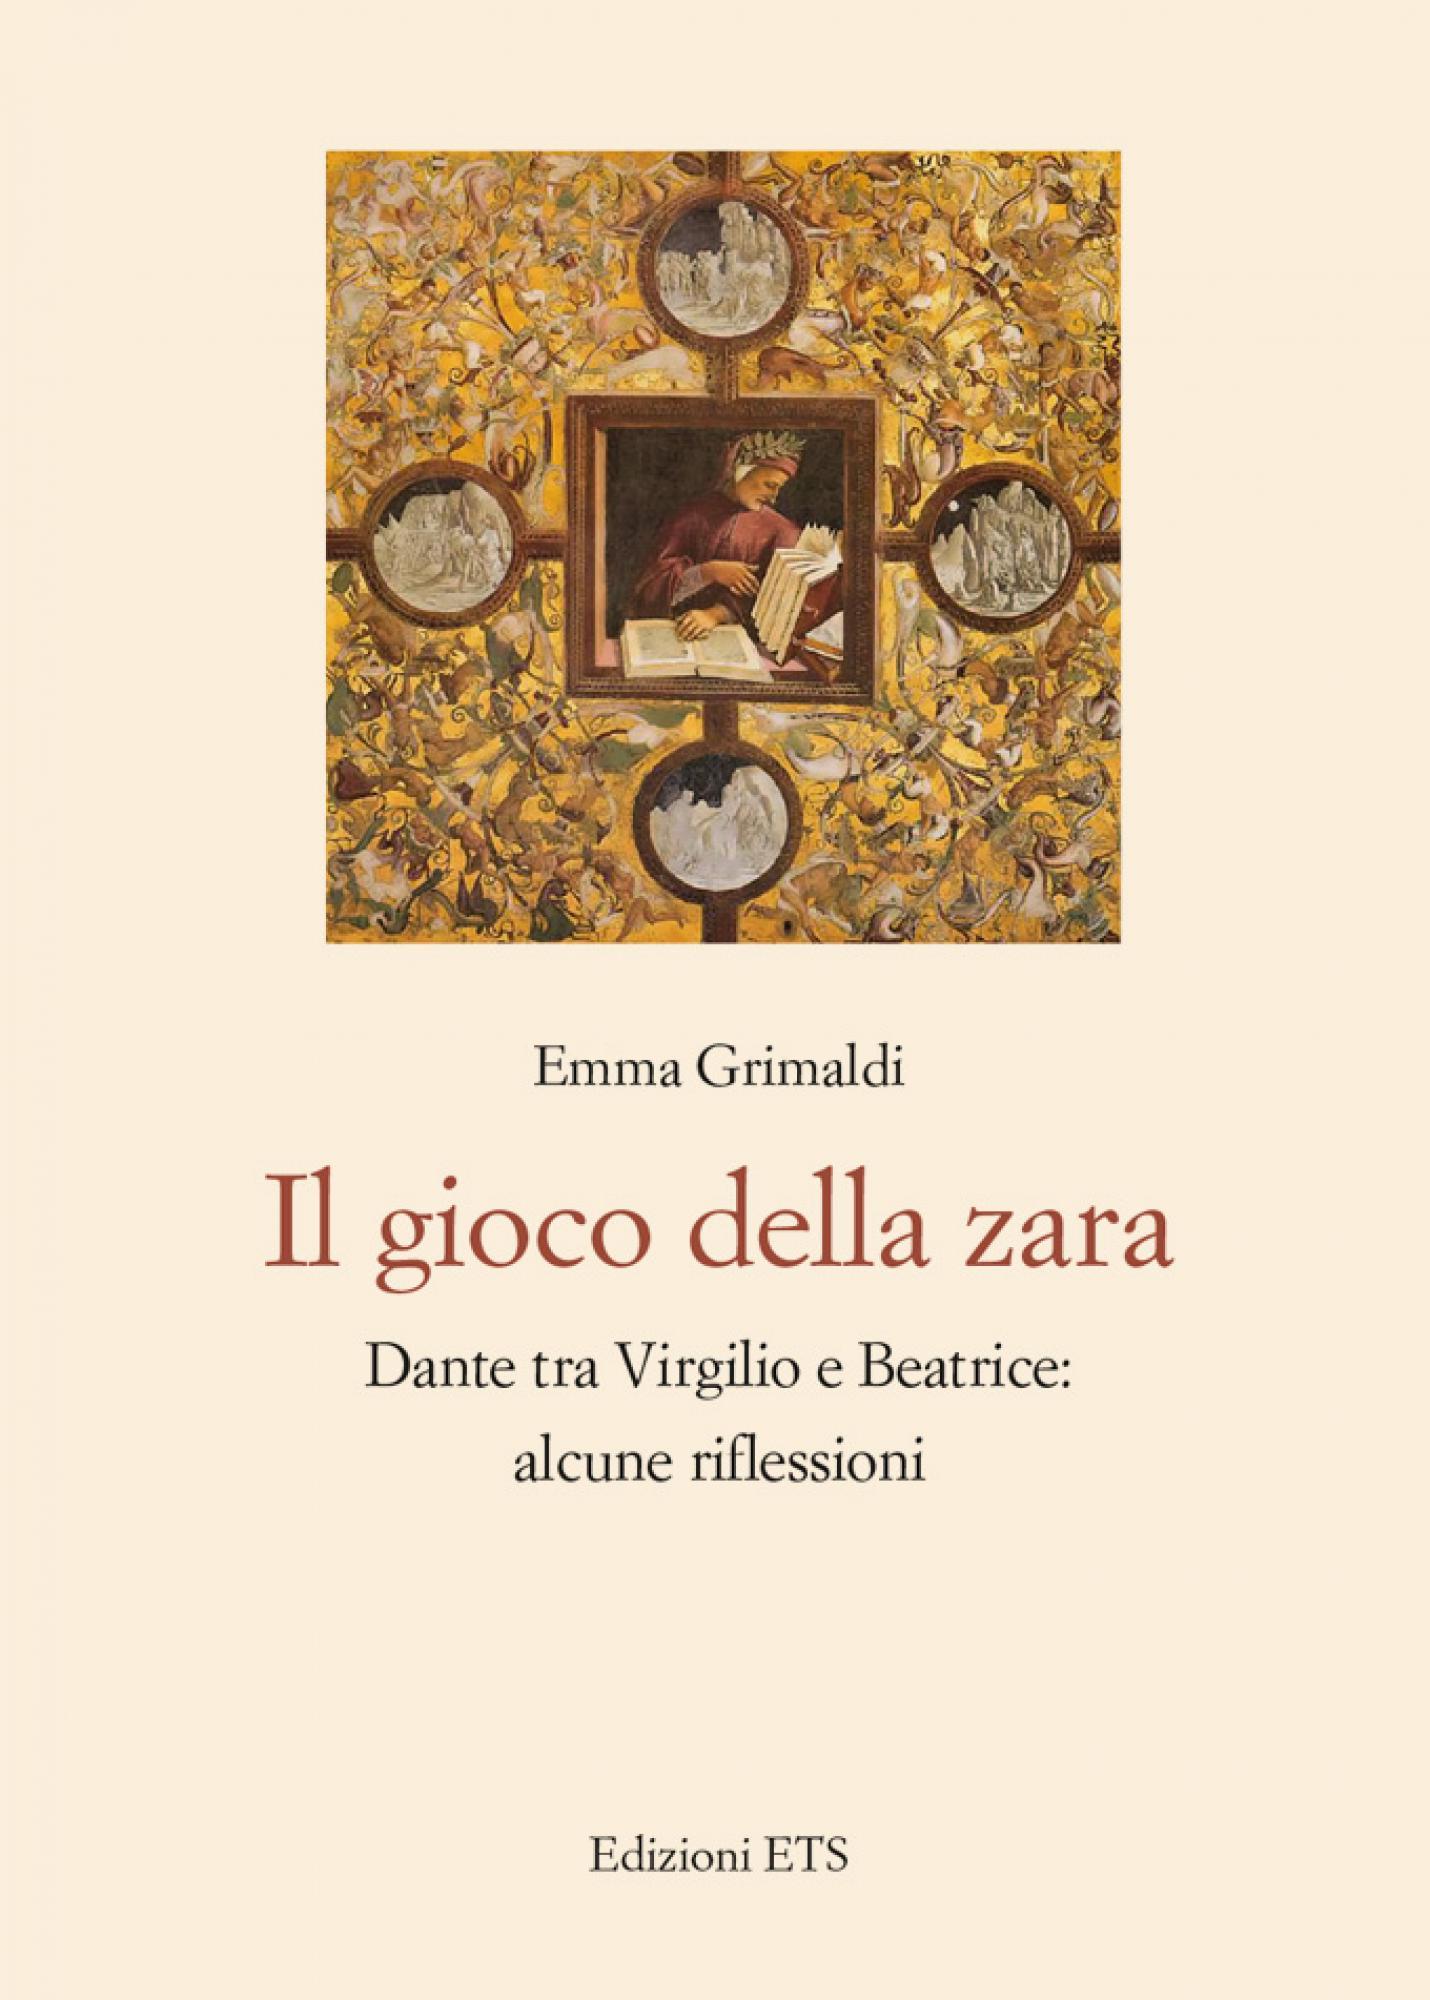 Il gioco della zara.Dante tra Virgilio e Beatrice: alcune riflessioni